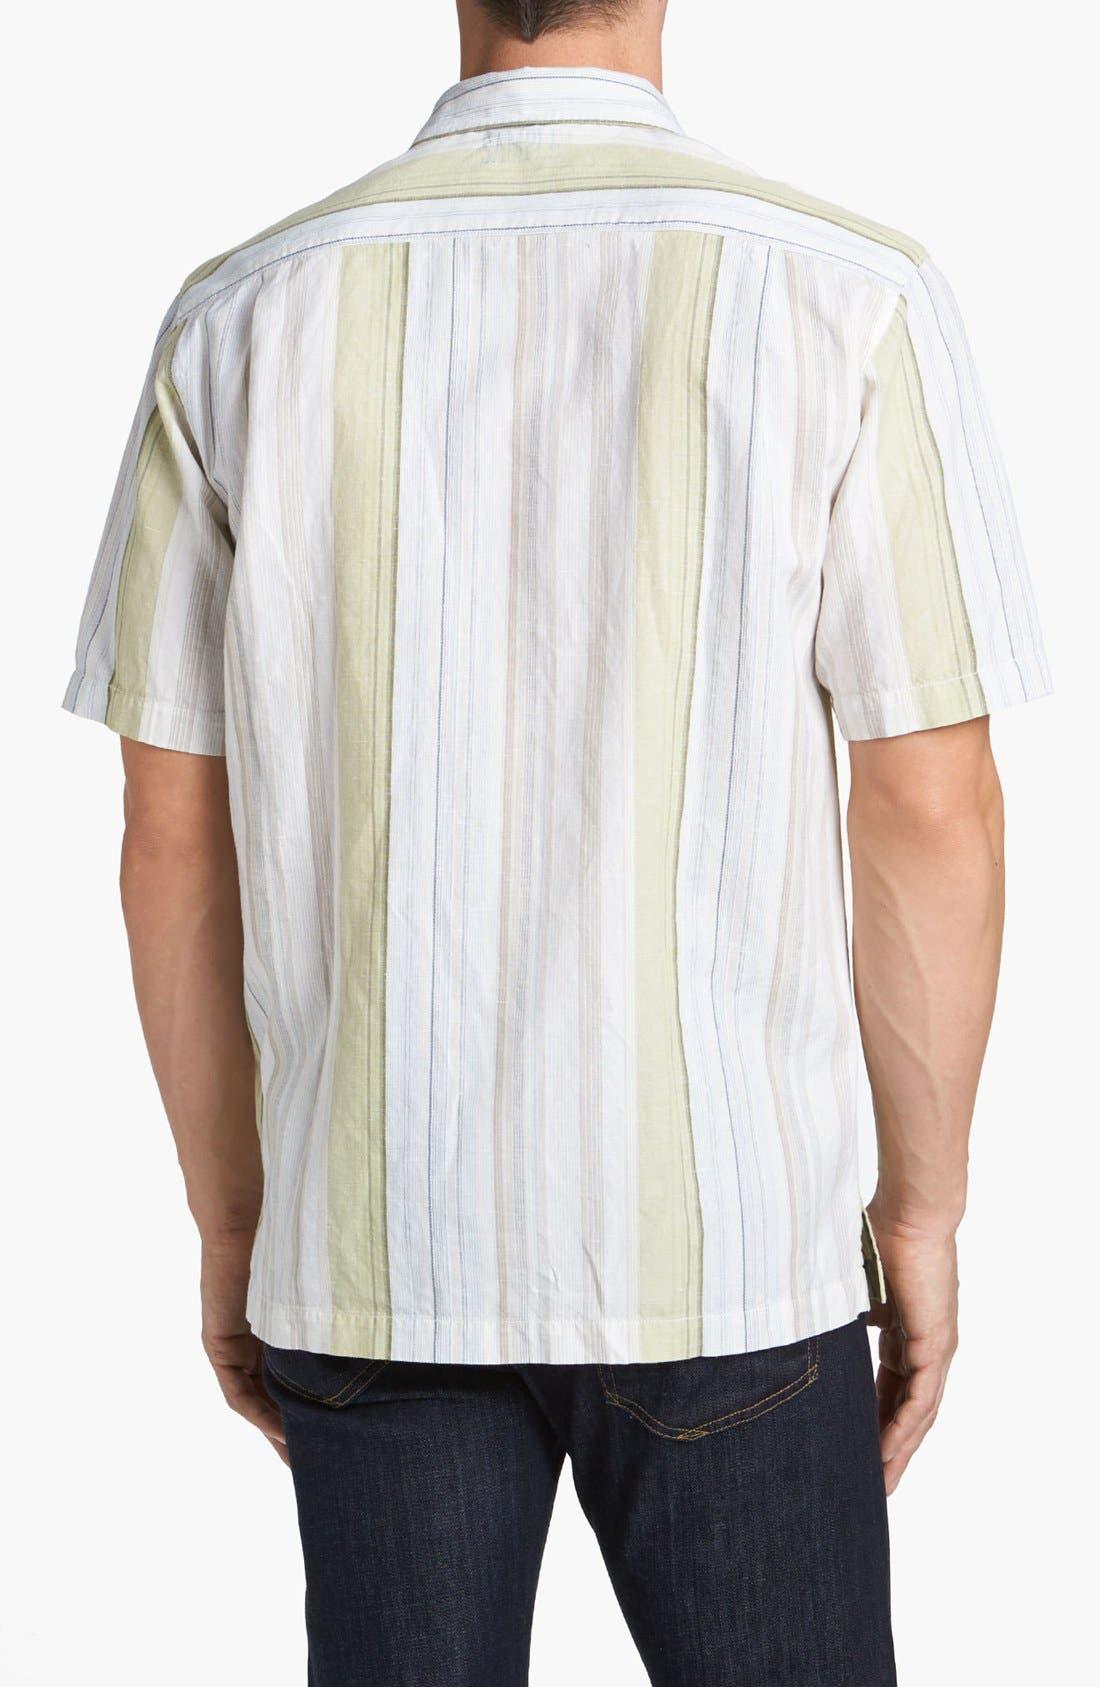 Alternate Image 2  - Tommy Bahama 'Tide Garden' Linen Blend Campshirt